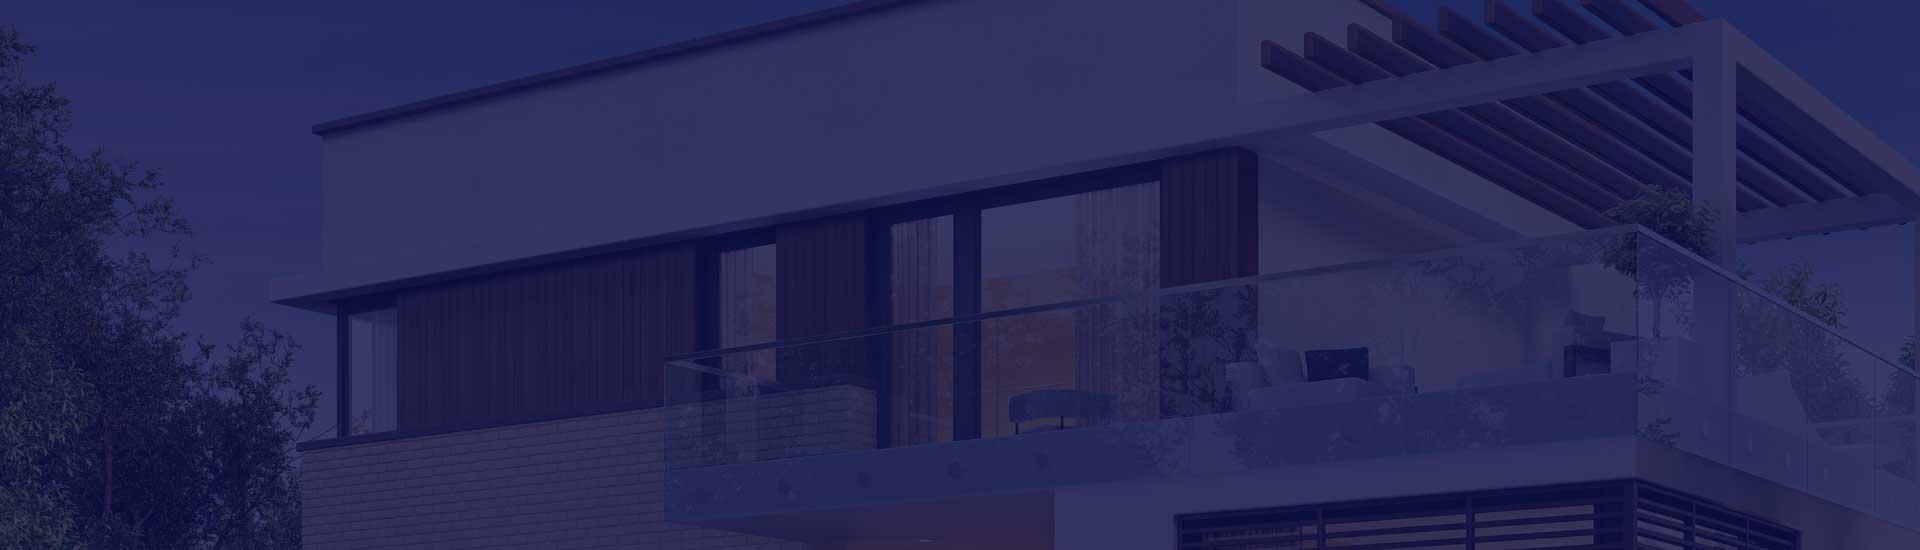 F r fenster h ndler kirchheilinger fensterbau suchen for Fenster hersteller